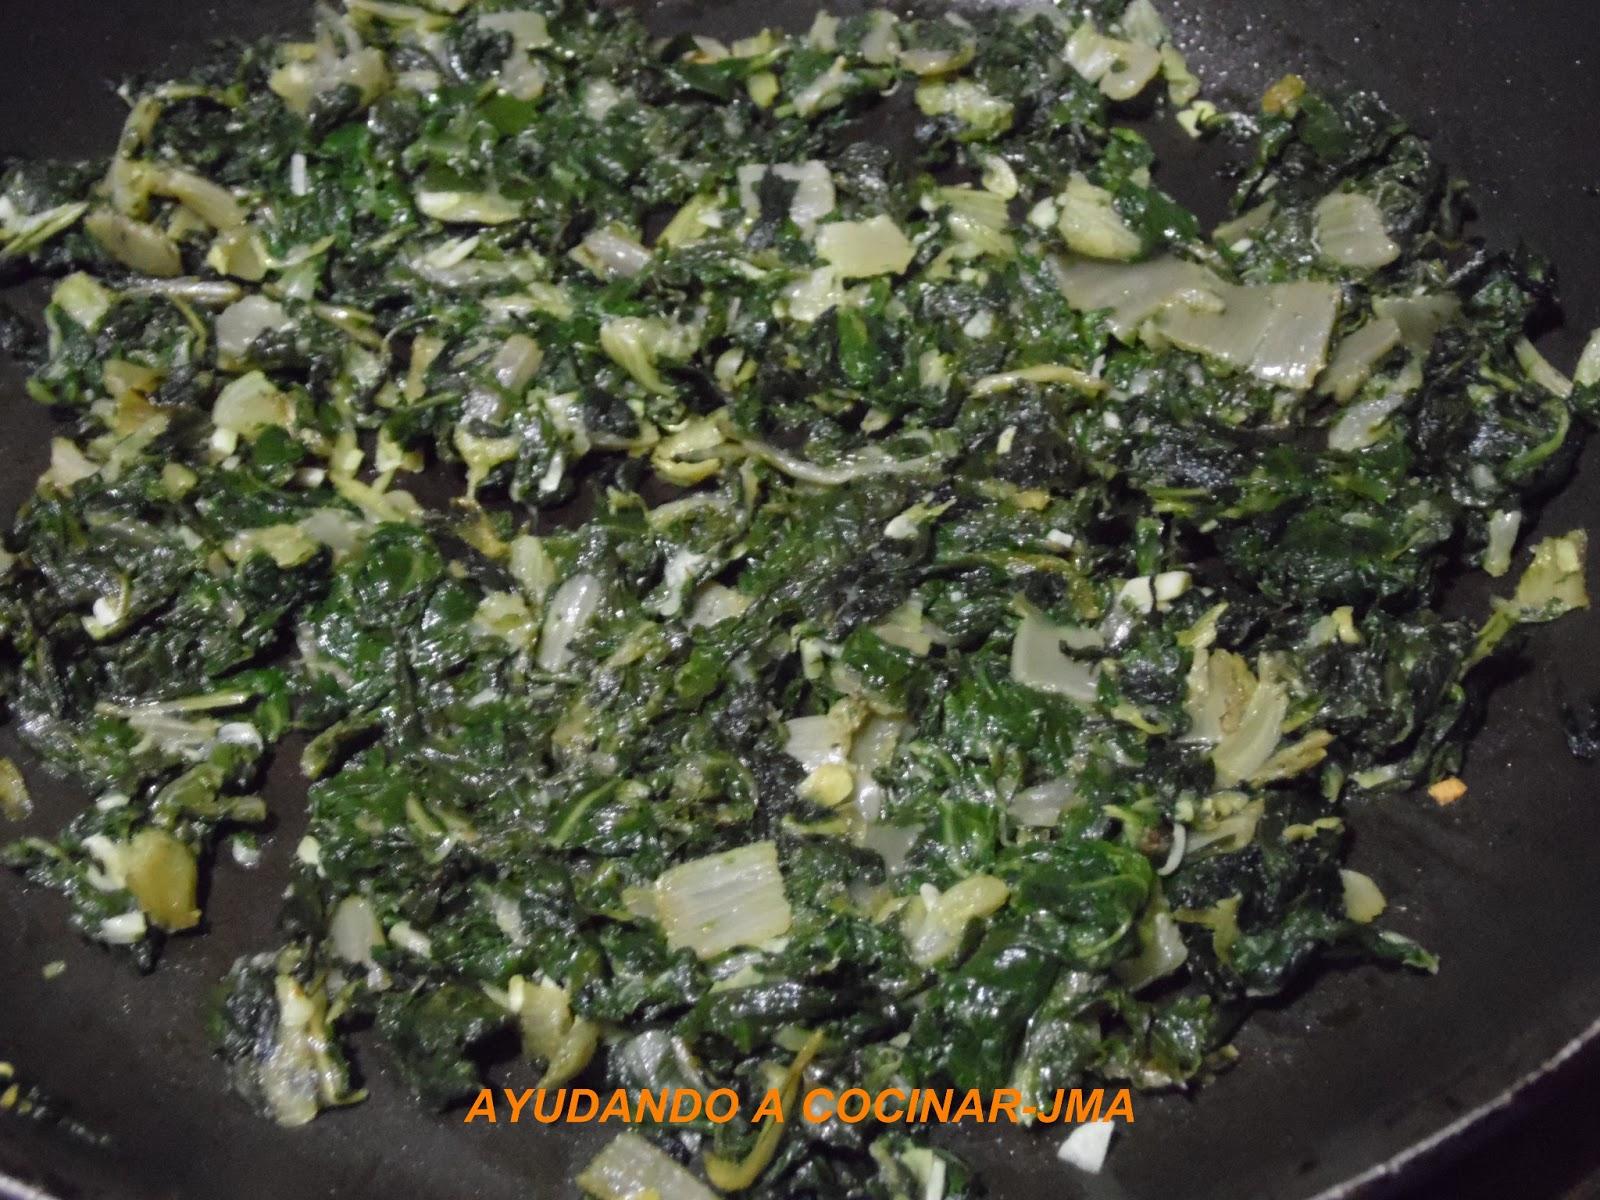 Ayudando a cocinar tortilla de acelgas for Como cocinar acelgas frescas